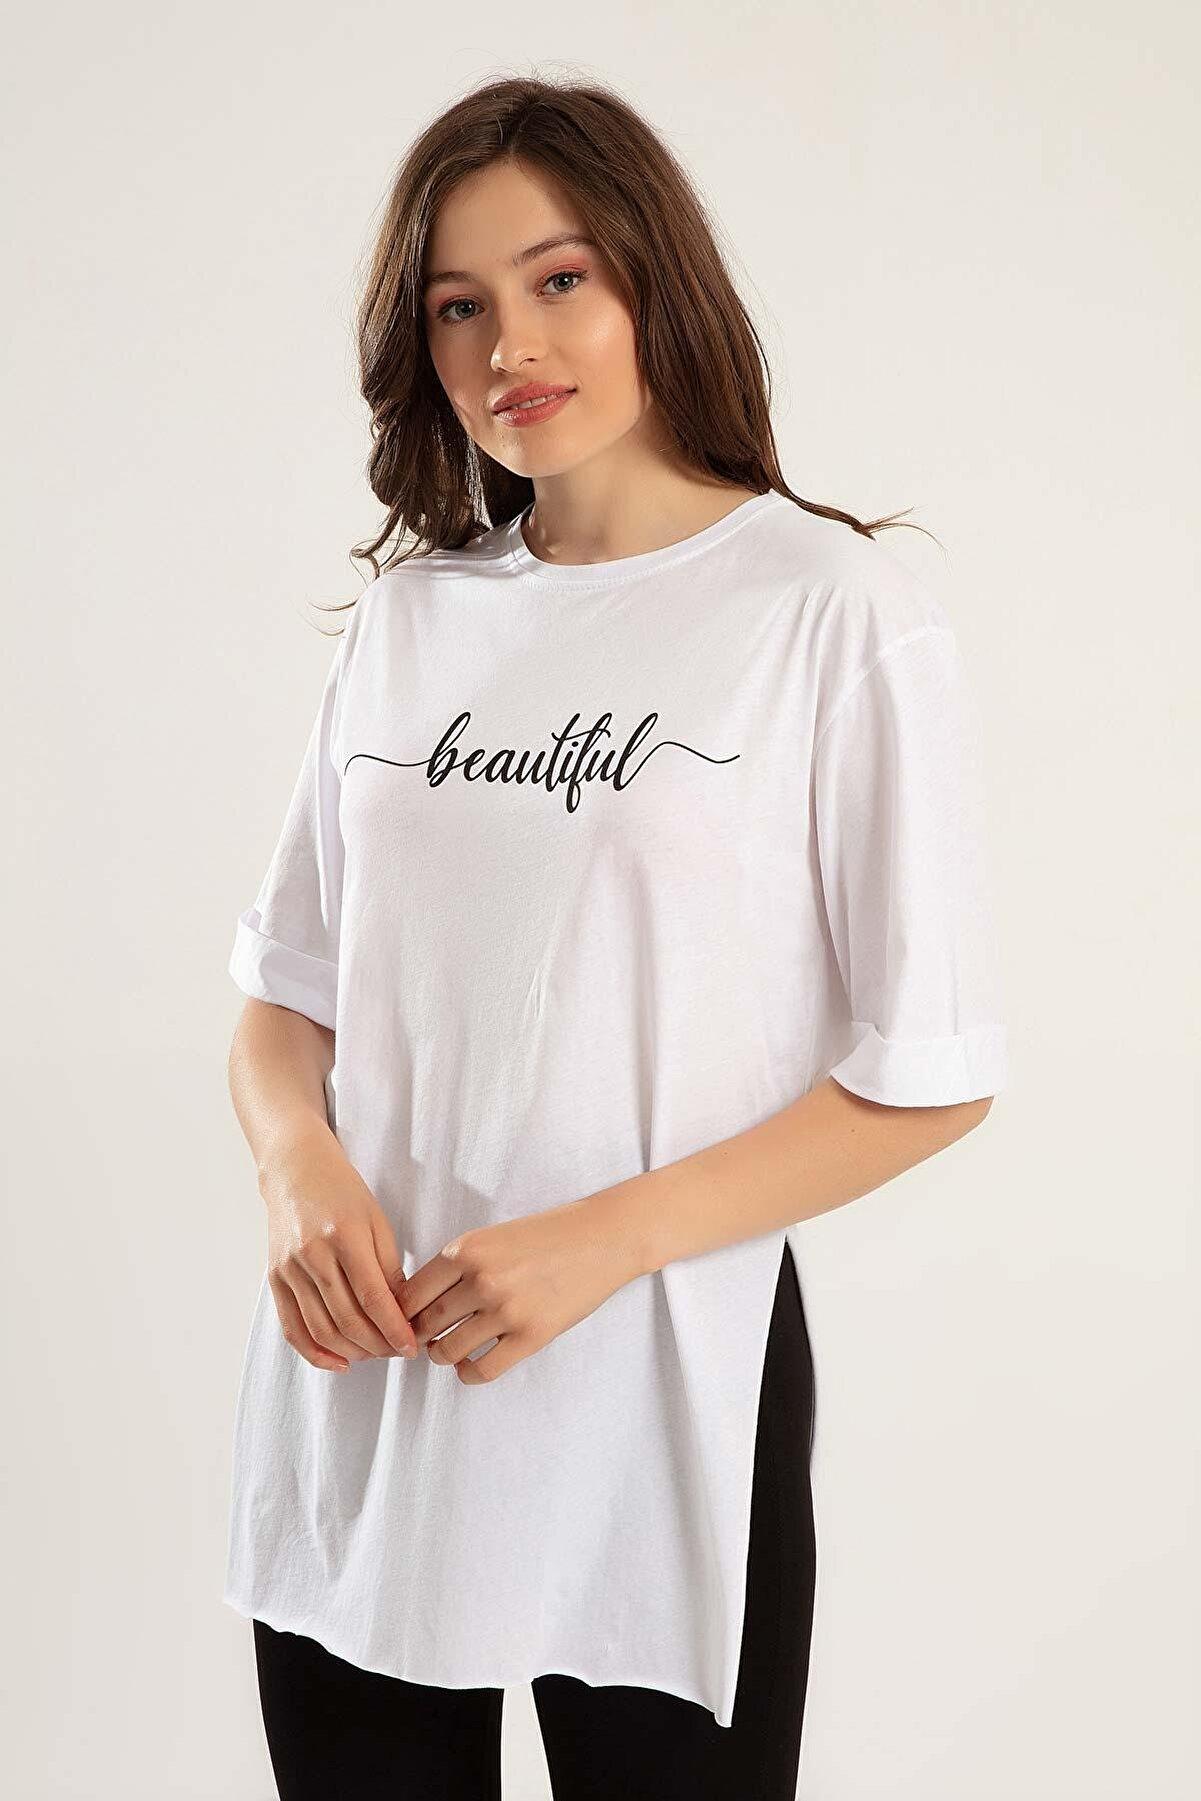 Pattaya Kadın Baskılı Yırtmaçlı Tişört Y20s110-0361